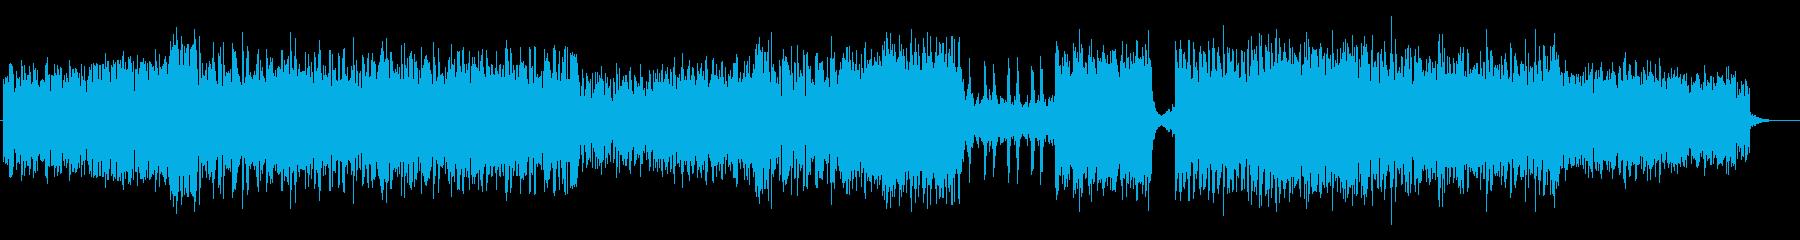 劇伴 ロック オーケストラ バンド版の再生済みの波形